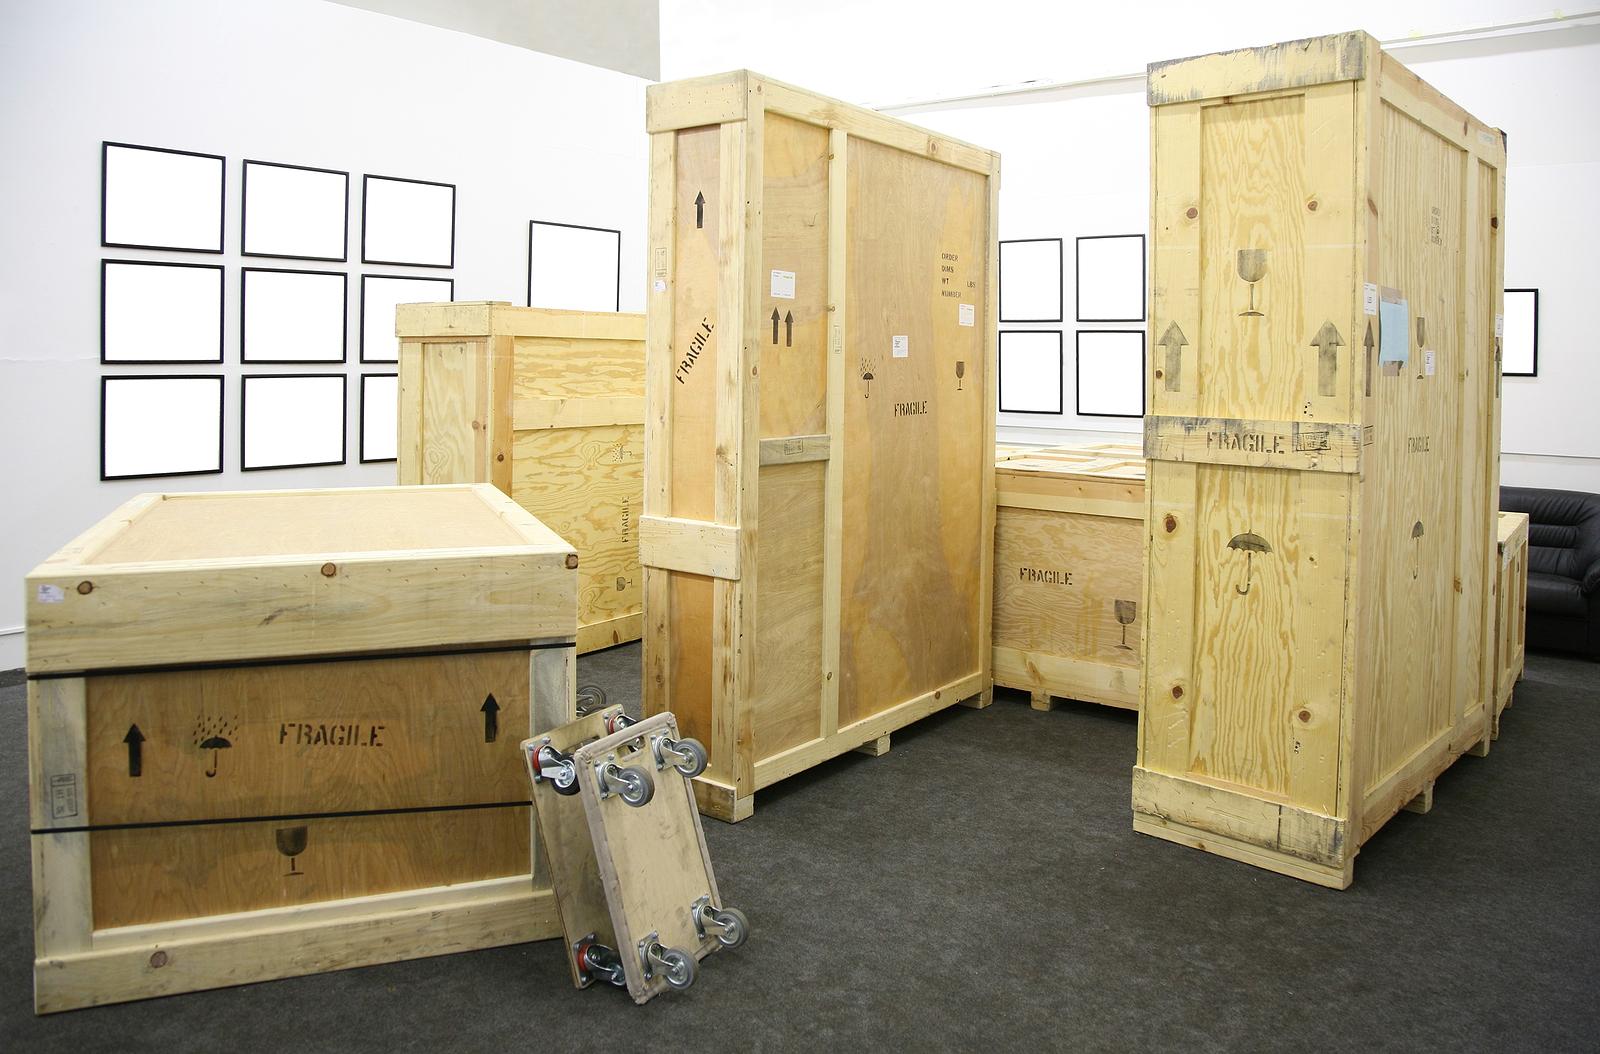 Art Storage in the Modern World